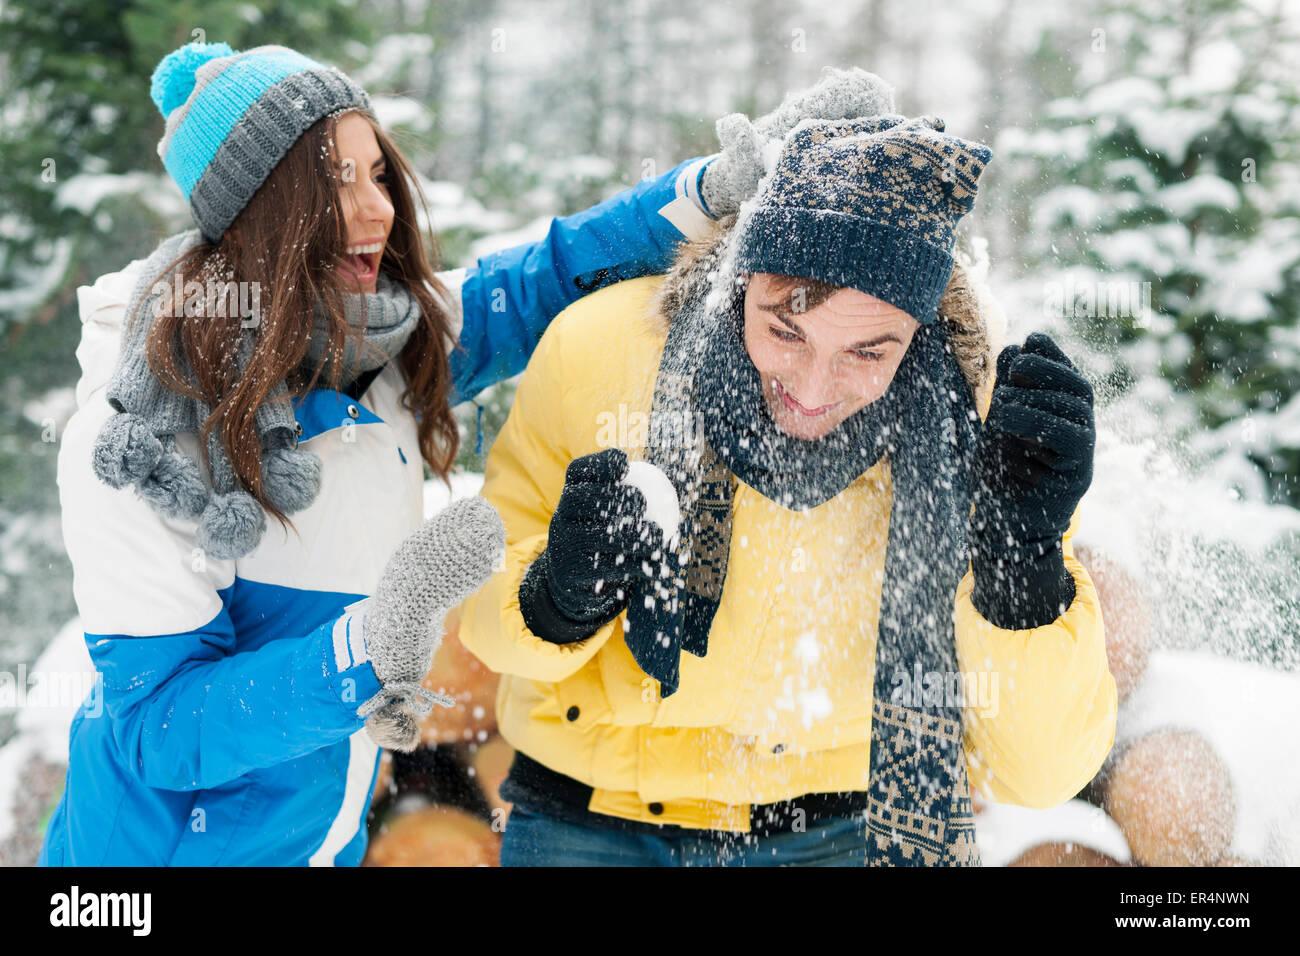 Coppia giovane divertirsi durante la lotta con le palle di neve. Debica, Polonia Immagini Stock